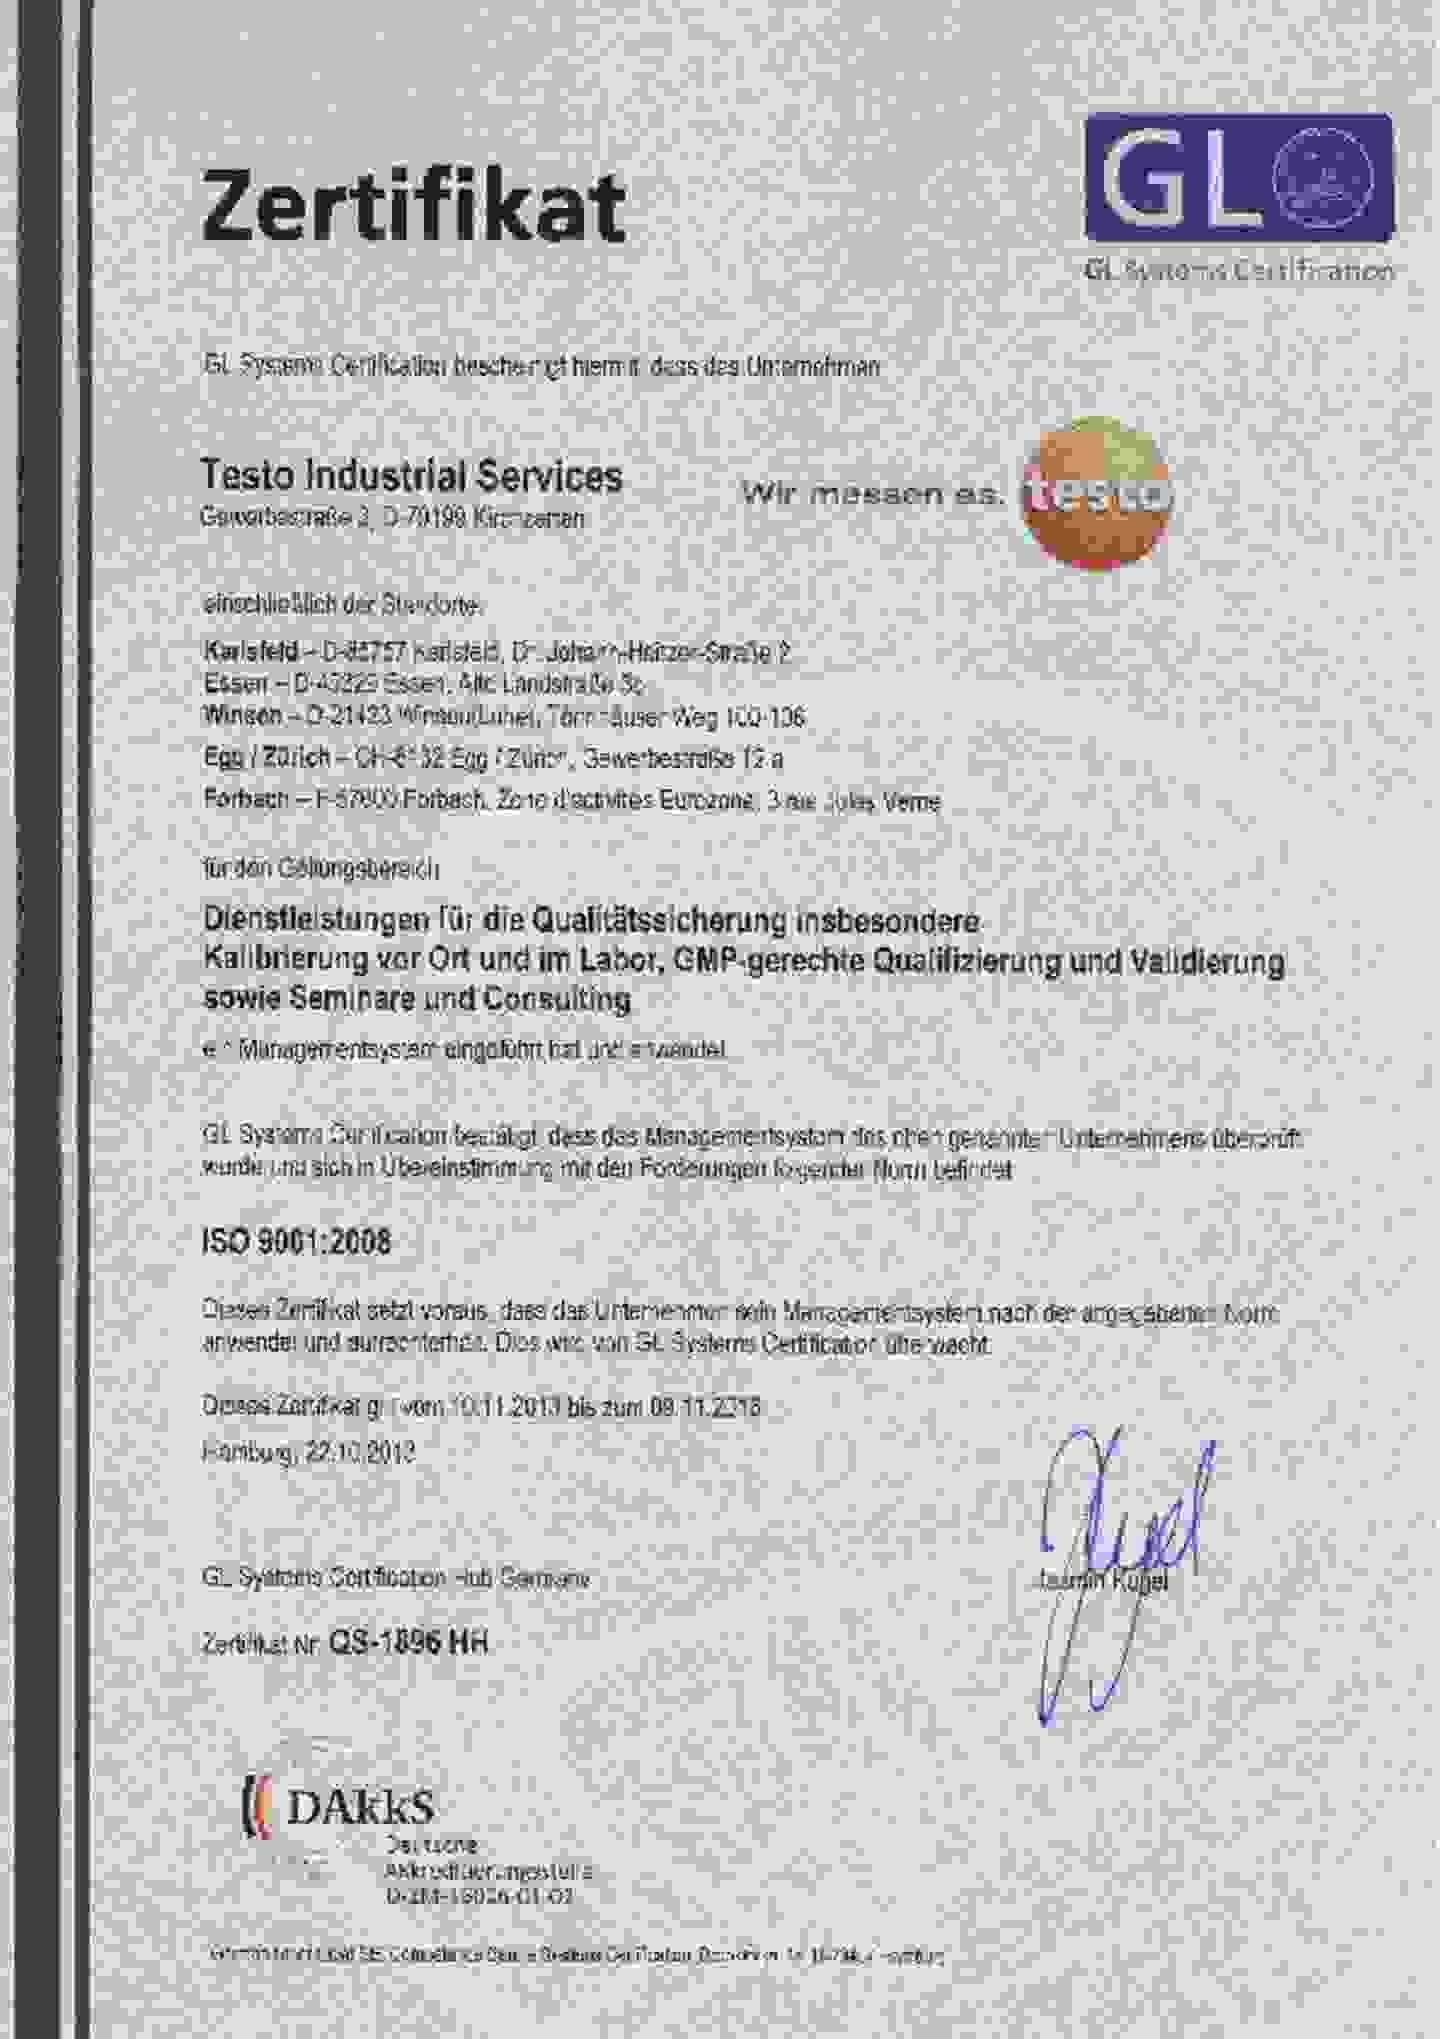 Testo Idustrial services ISO-Zertificat downloaden